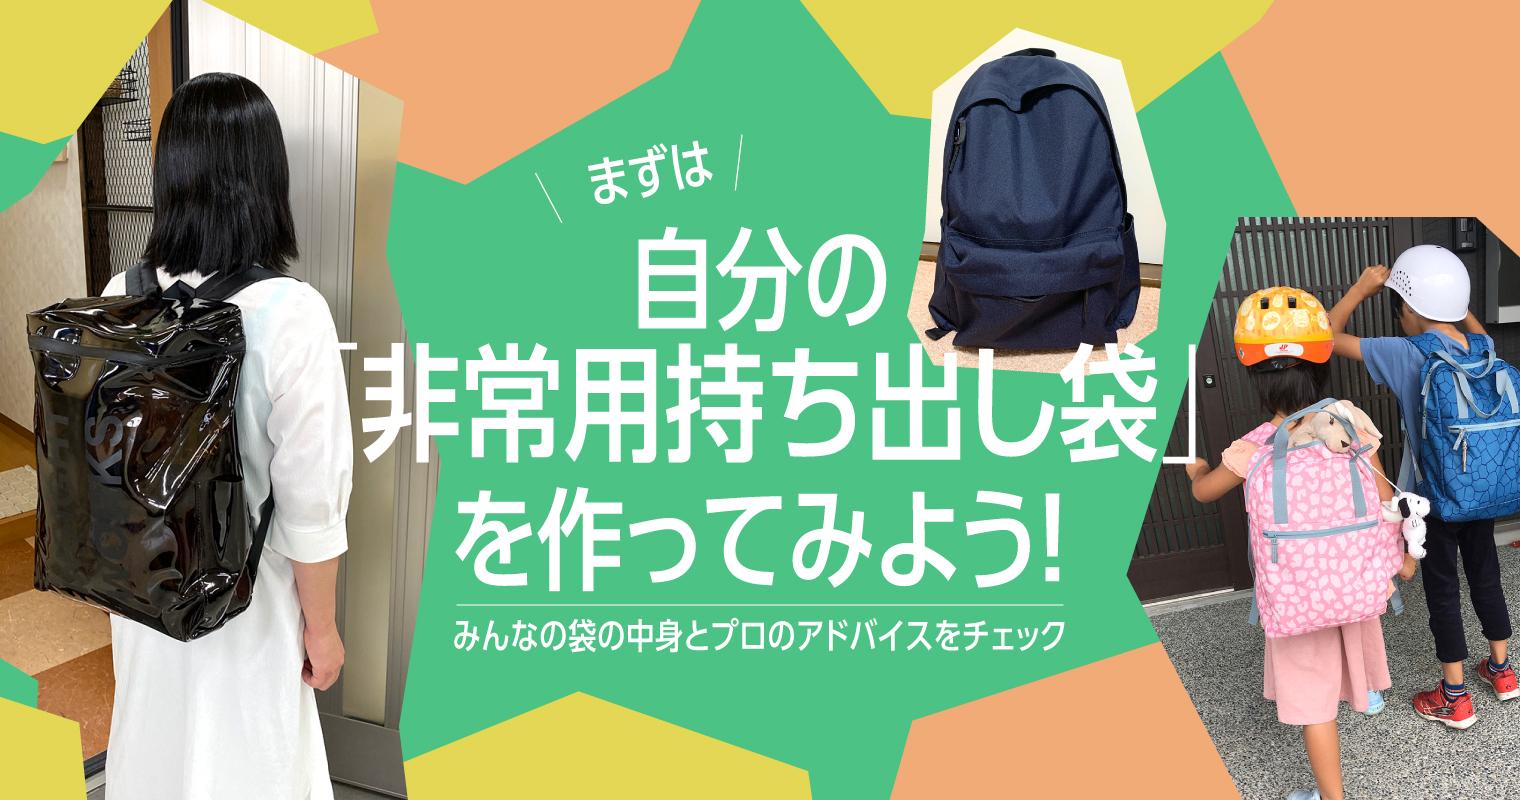 まずは自分の「非常用持ち出し袋」を作ってみよう!みんなの袋の中身とプロのアドバイスをチェック